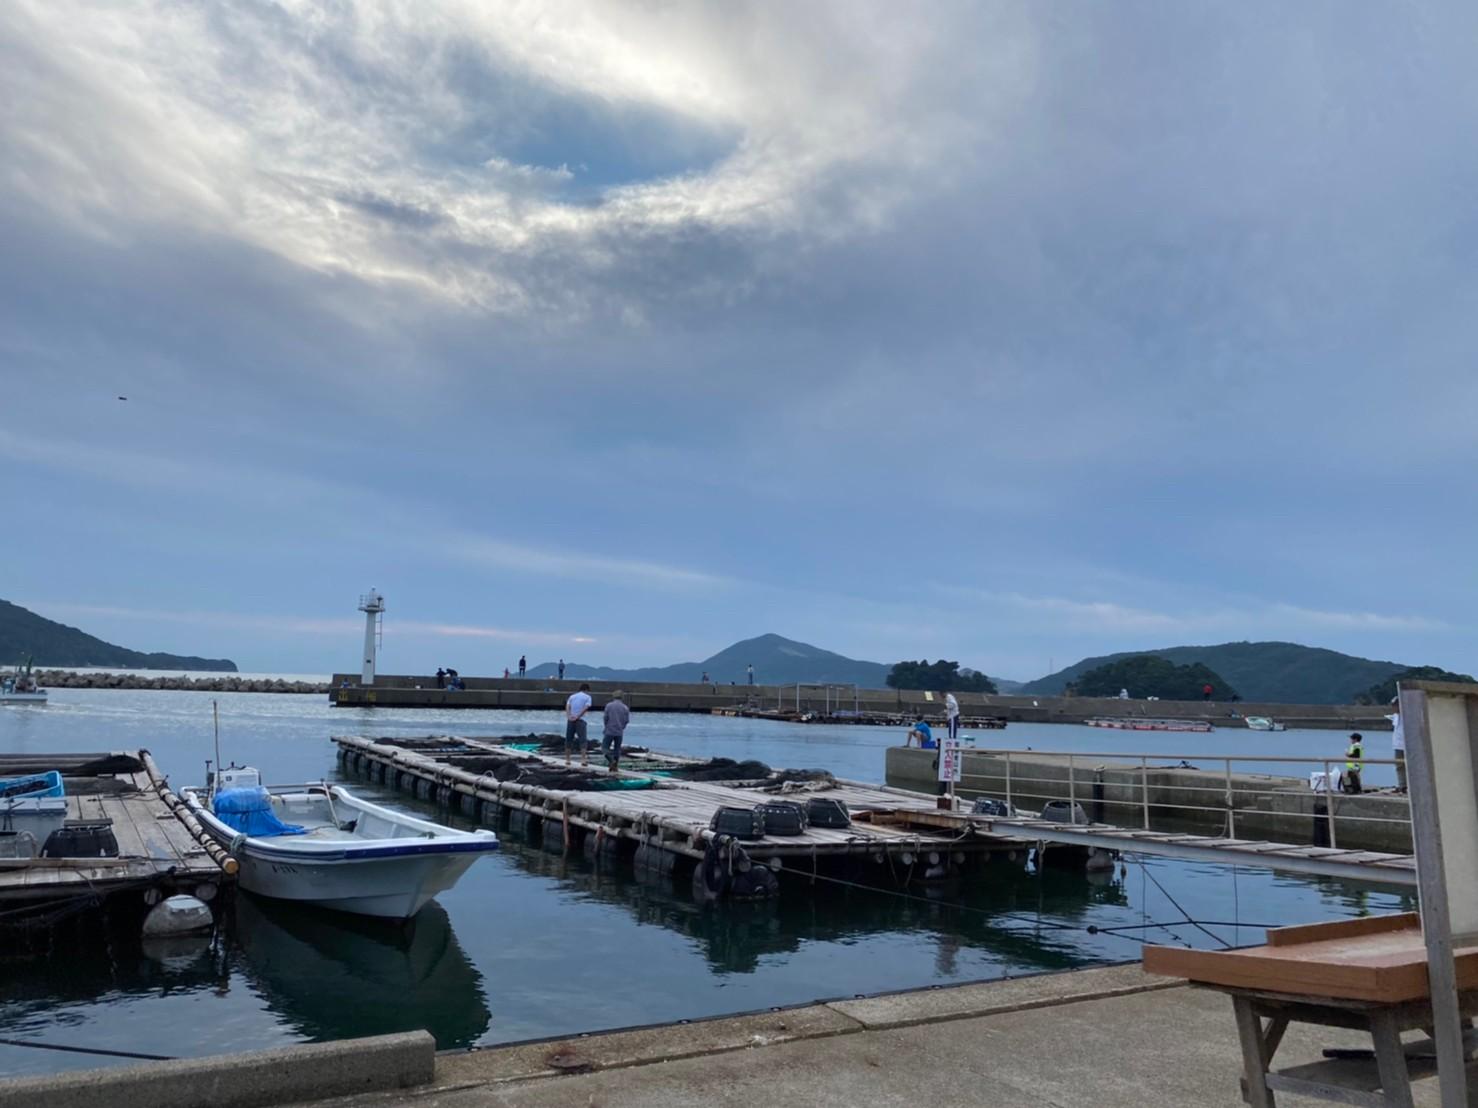 【三重県鳥羽市】『小浜漁港』の海釣りガイド(釣れる魚・駐車場・トイレ)